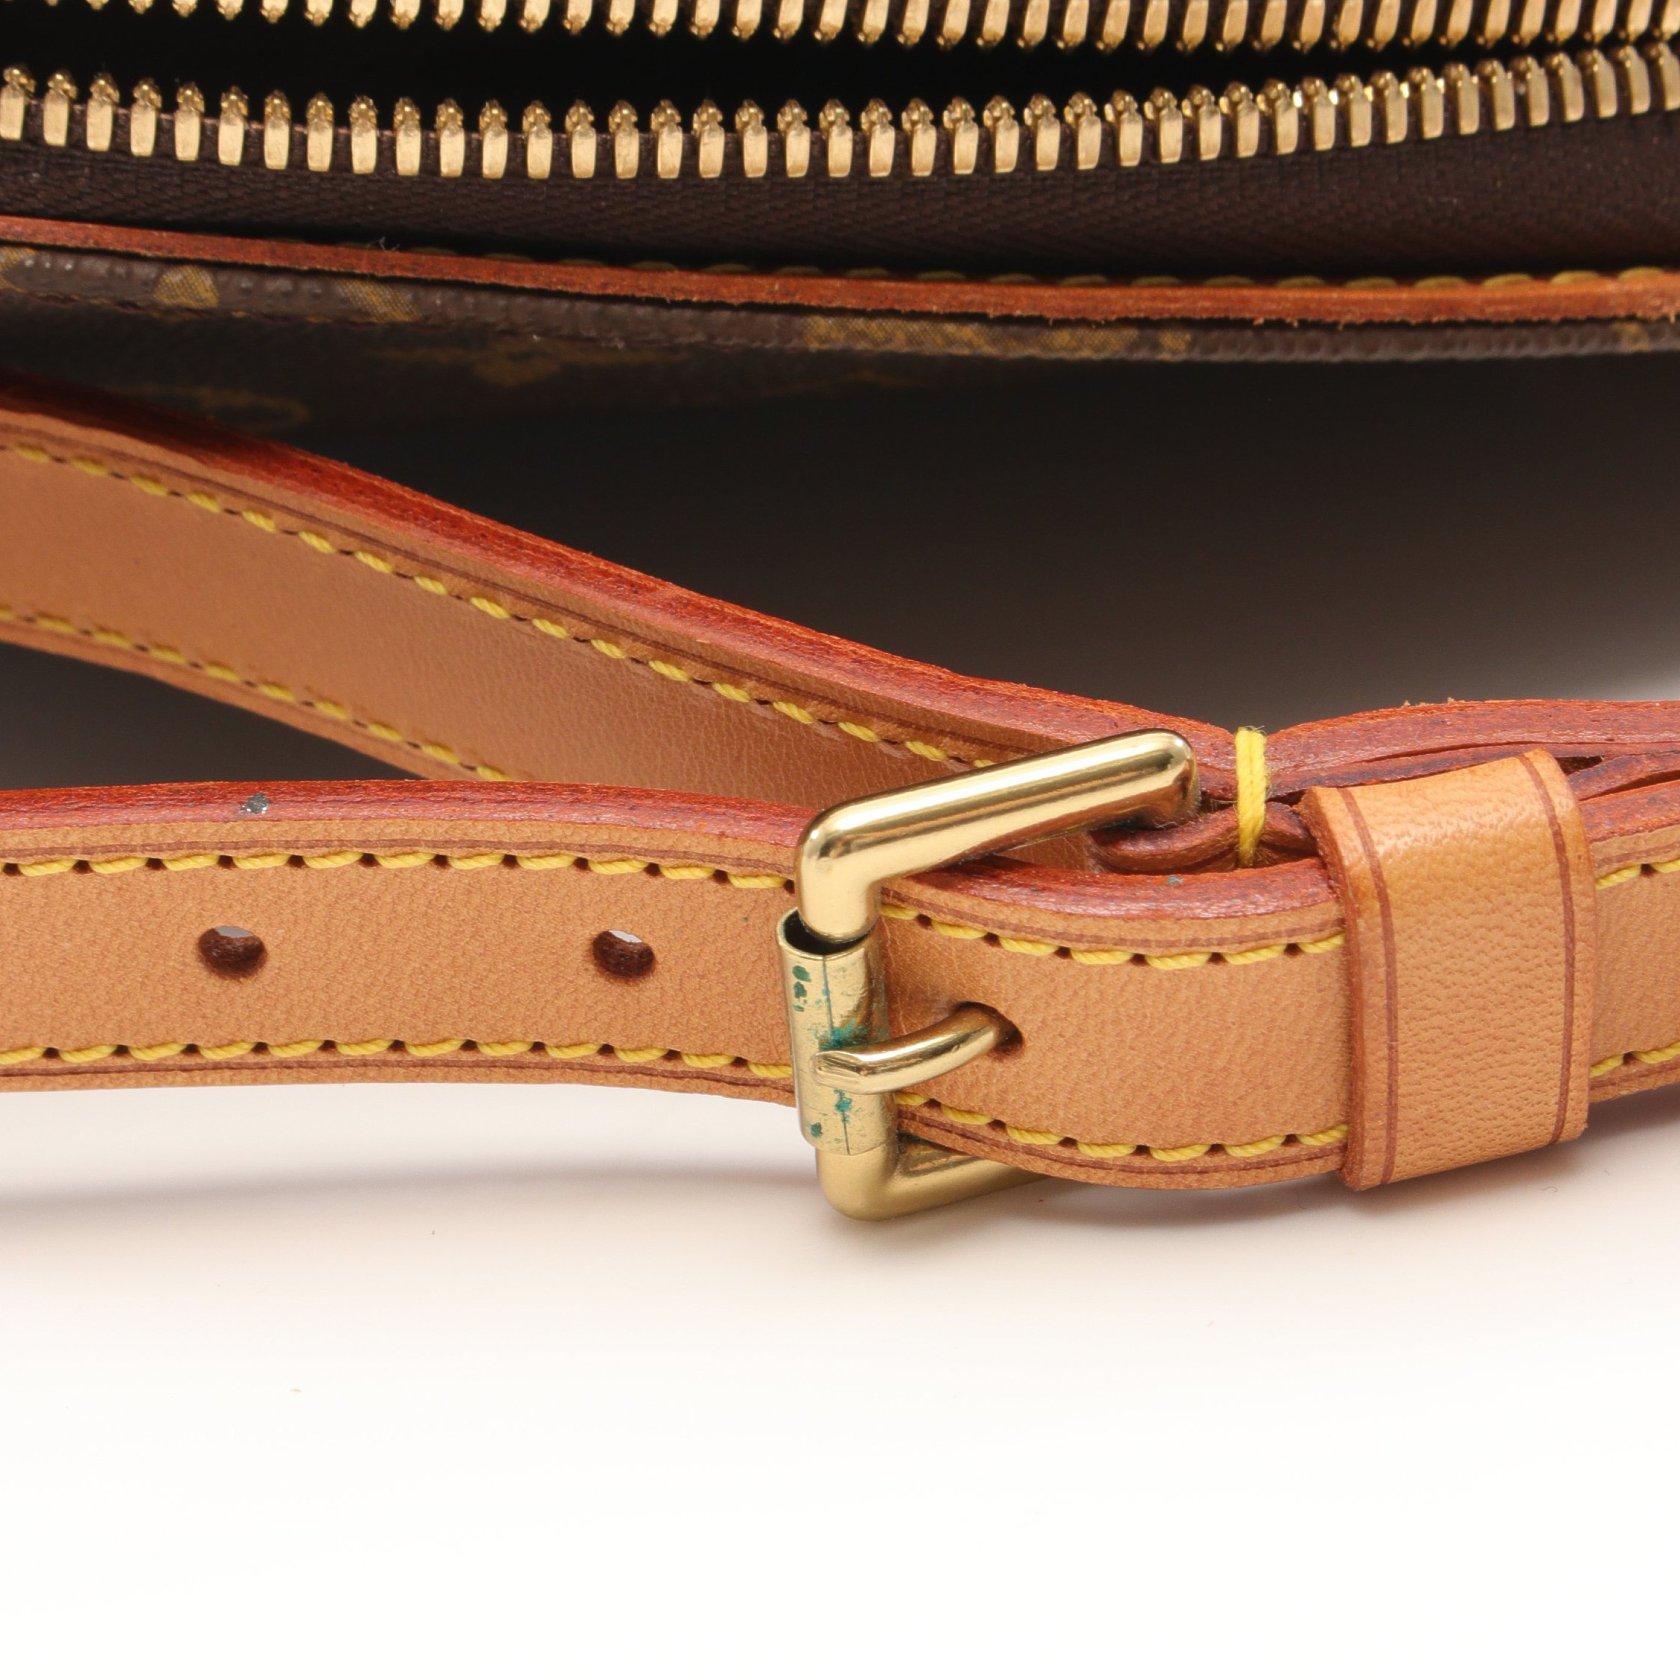 LOUIS VUITTON・バッグ・エリプス サックアド モノグラム  バックパック PVC レザー ブラウン